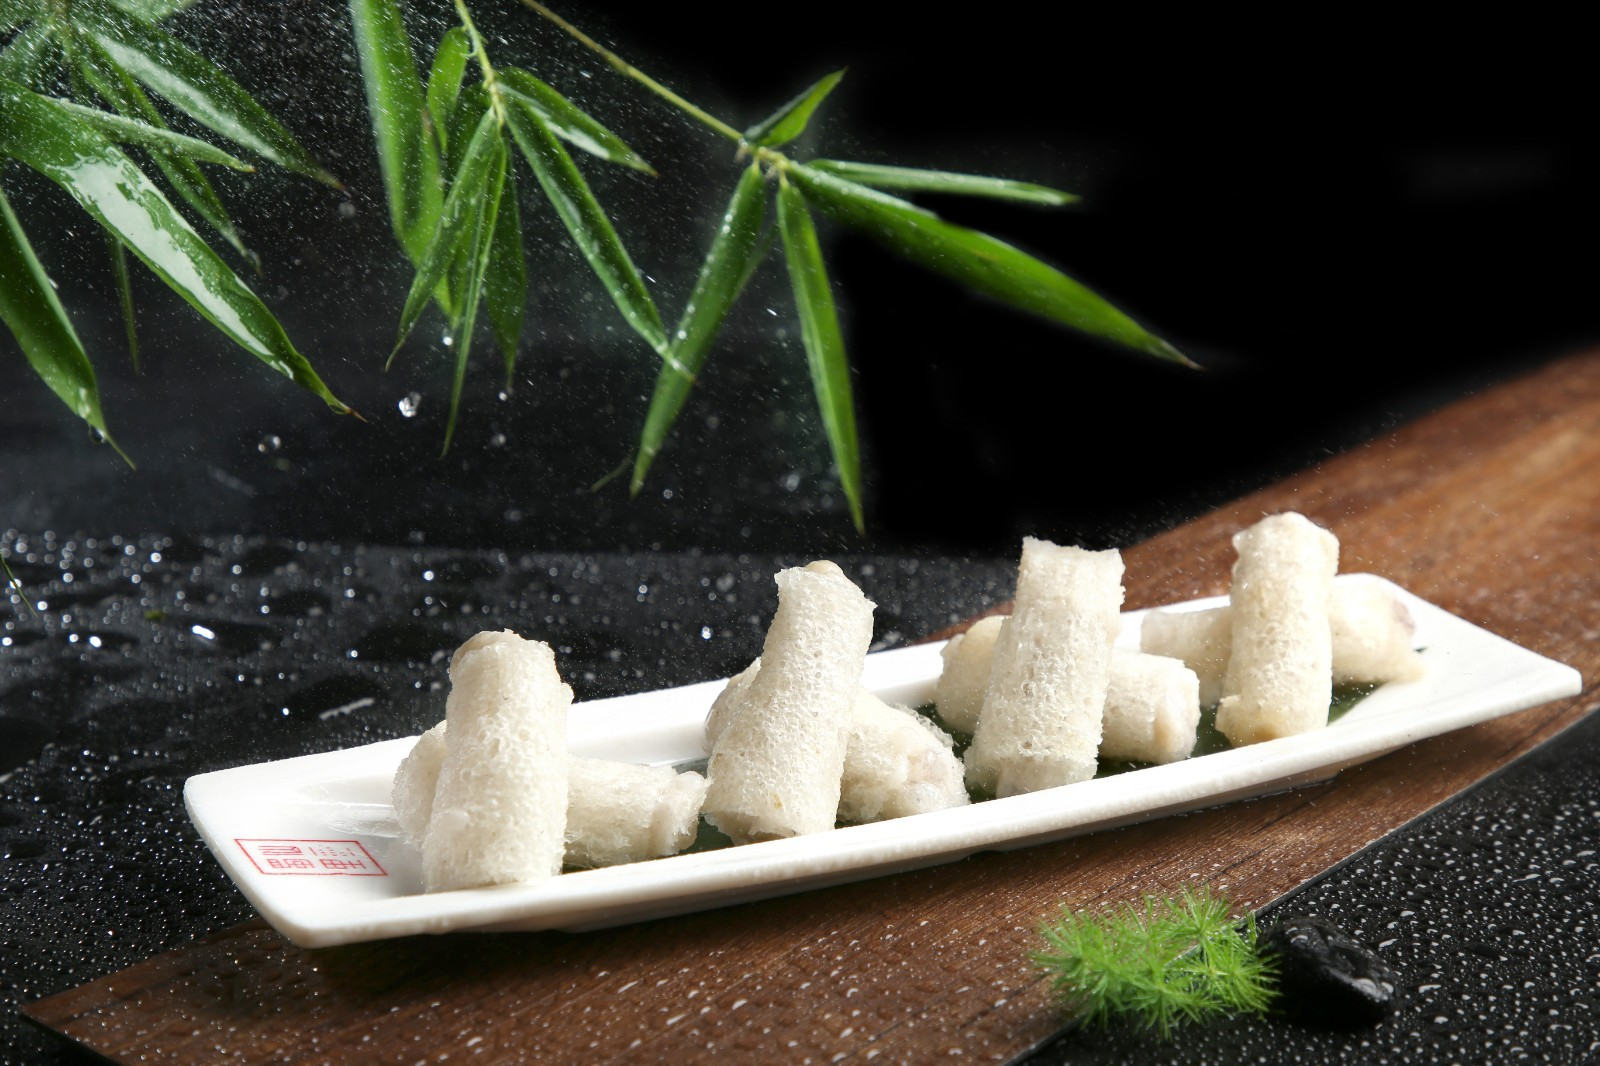 竹荪酿虾滑